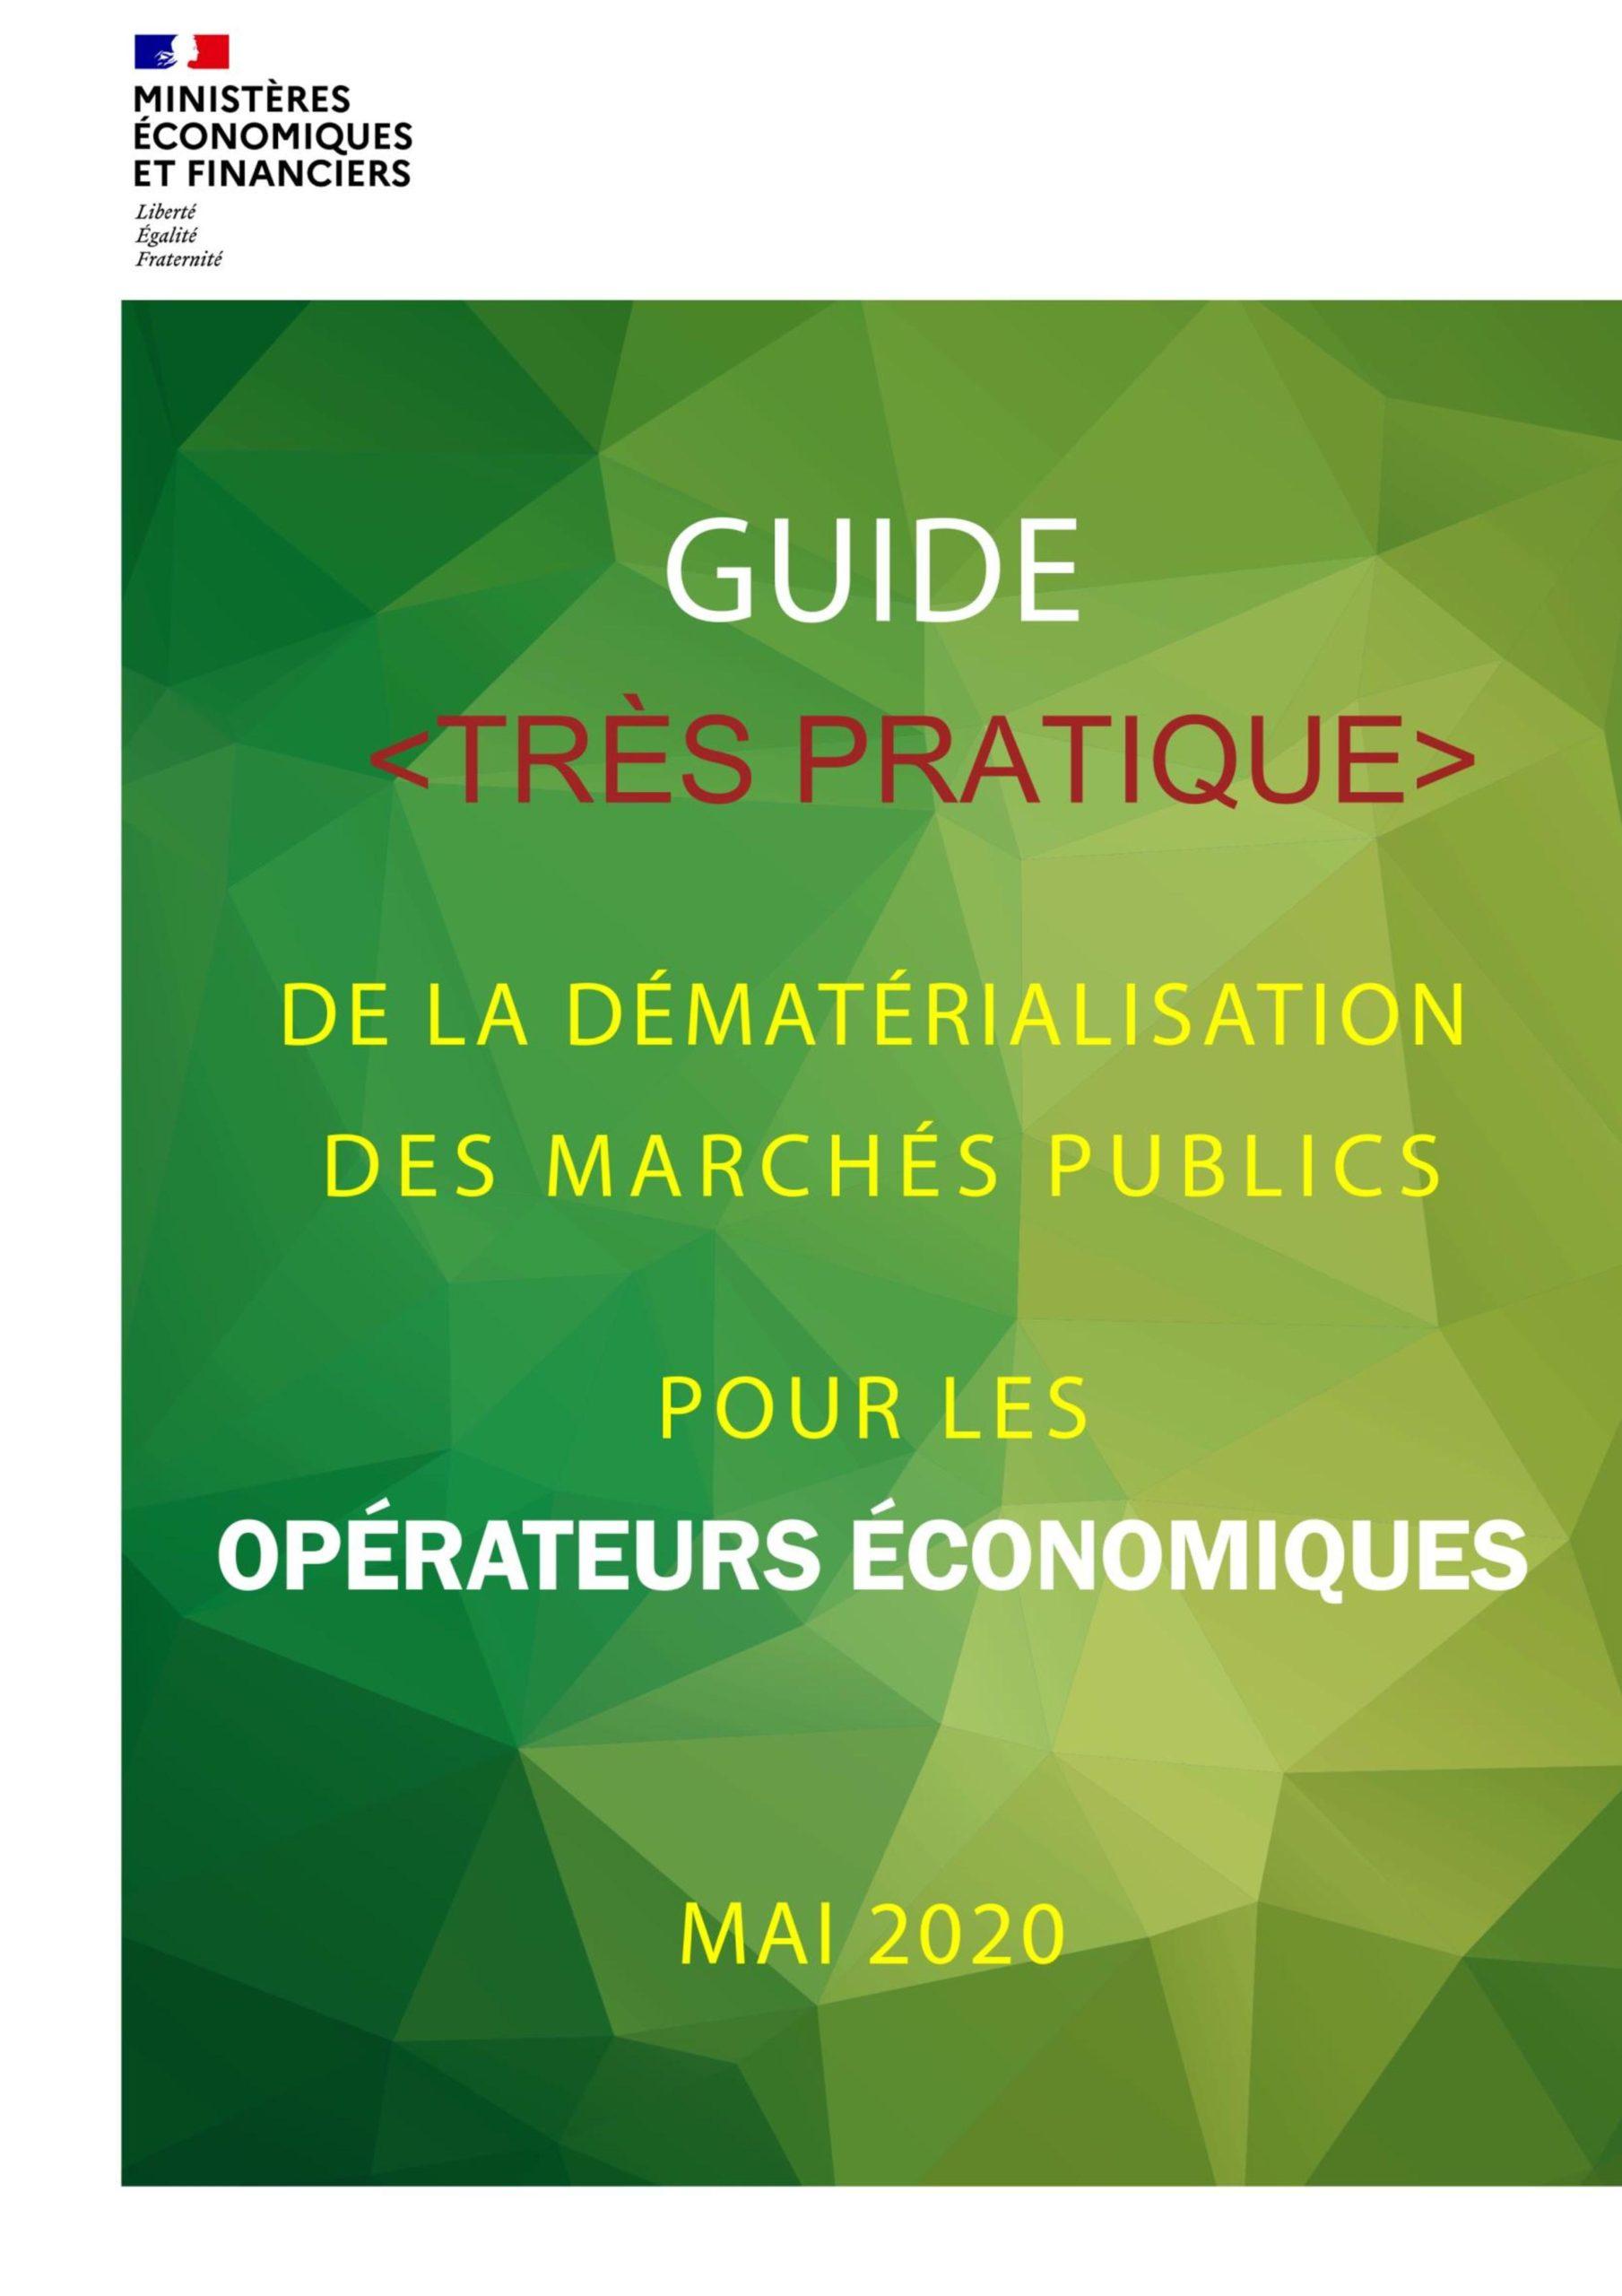 """Guide """"trés pratique"""" de la dématérialisation des marchés publics pour les opérateurs économiques - Mai 2020"""